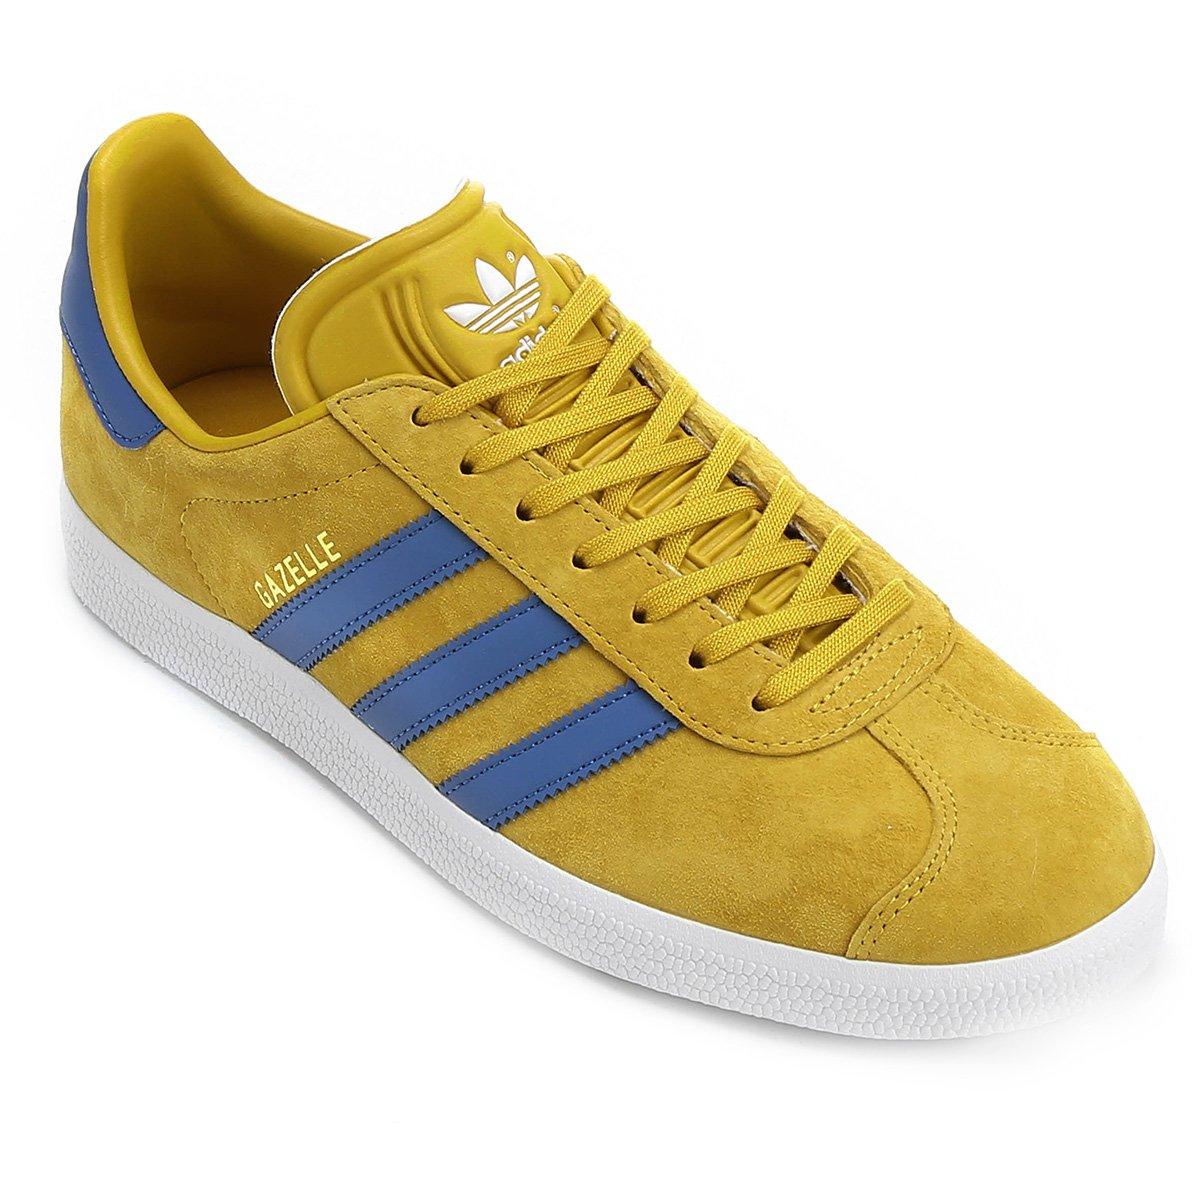 1faeb8c04e40a Tênis Adidas Gazelle - Compre Agora